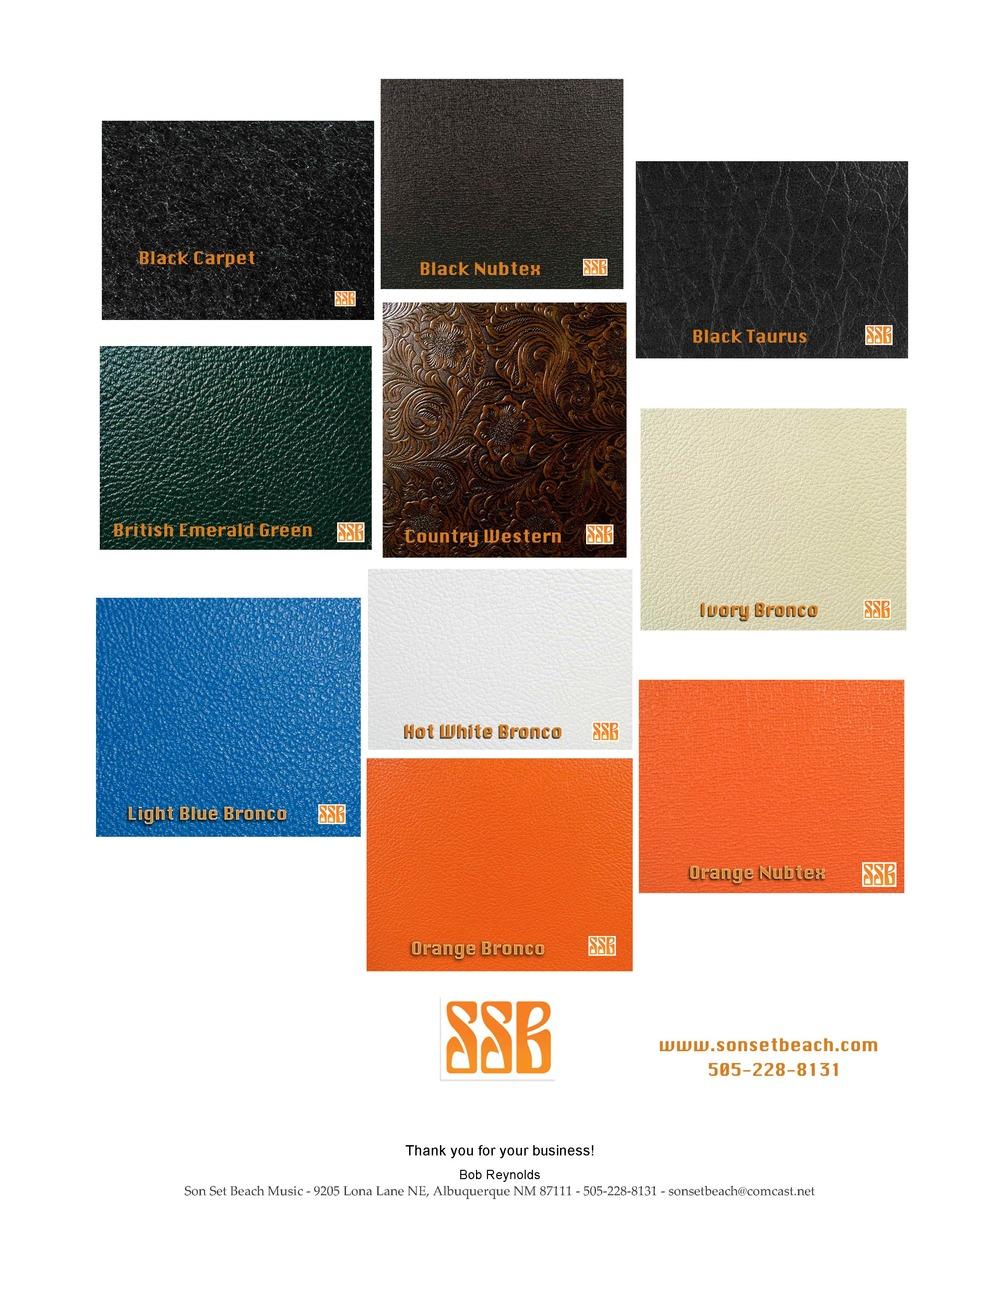 SSB_Cabs_Sales order_Page_3.jpg